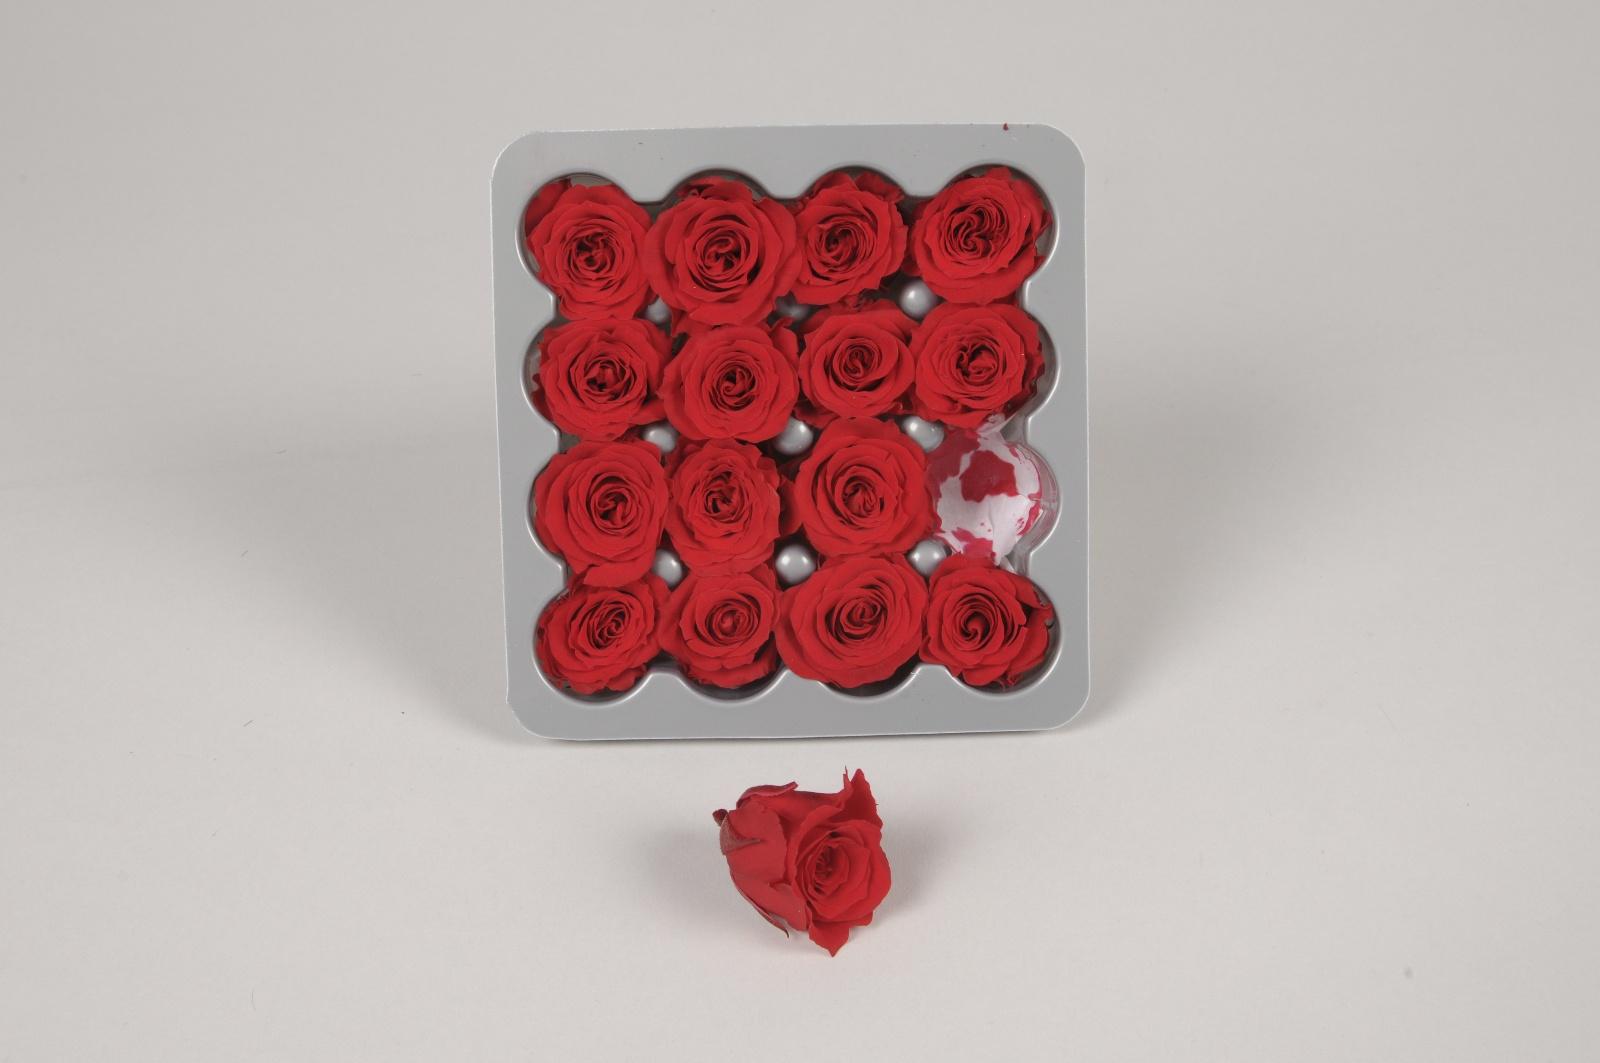 x057vv Boîte de 16 mini roses préservées rouges